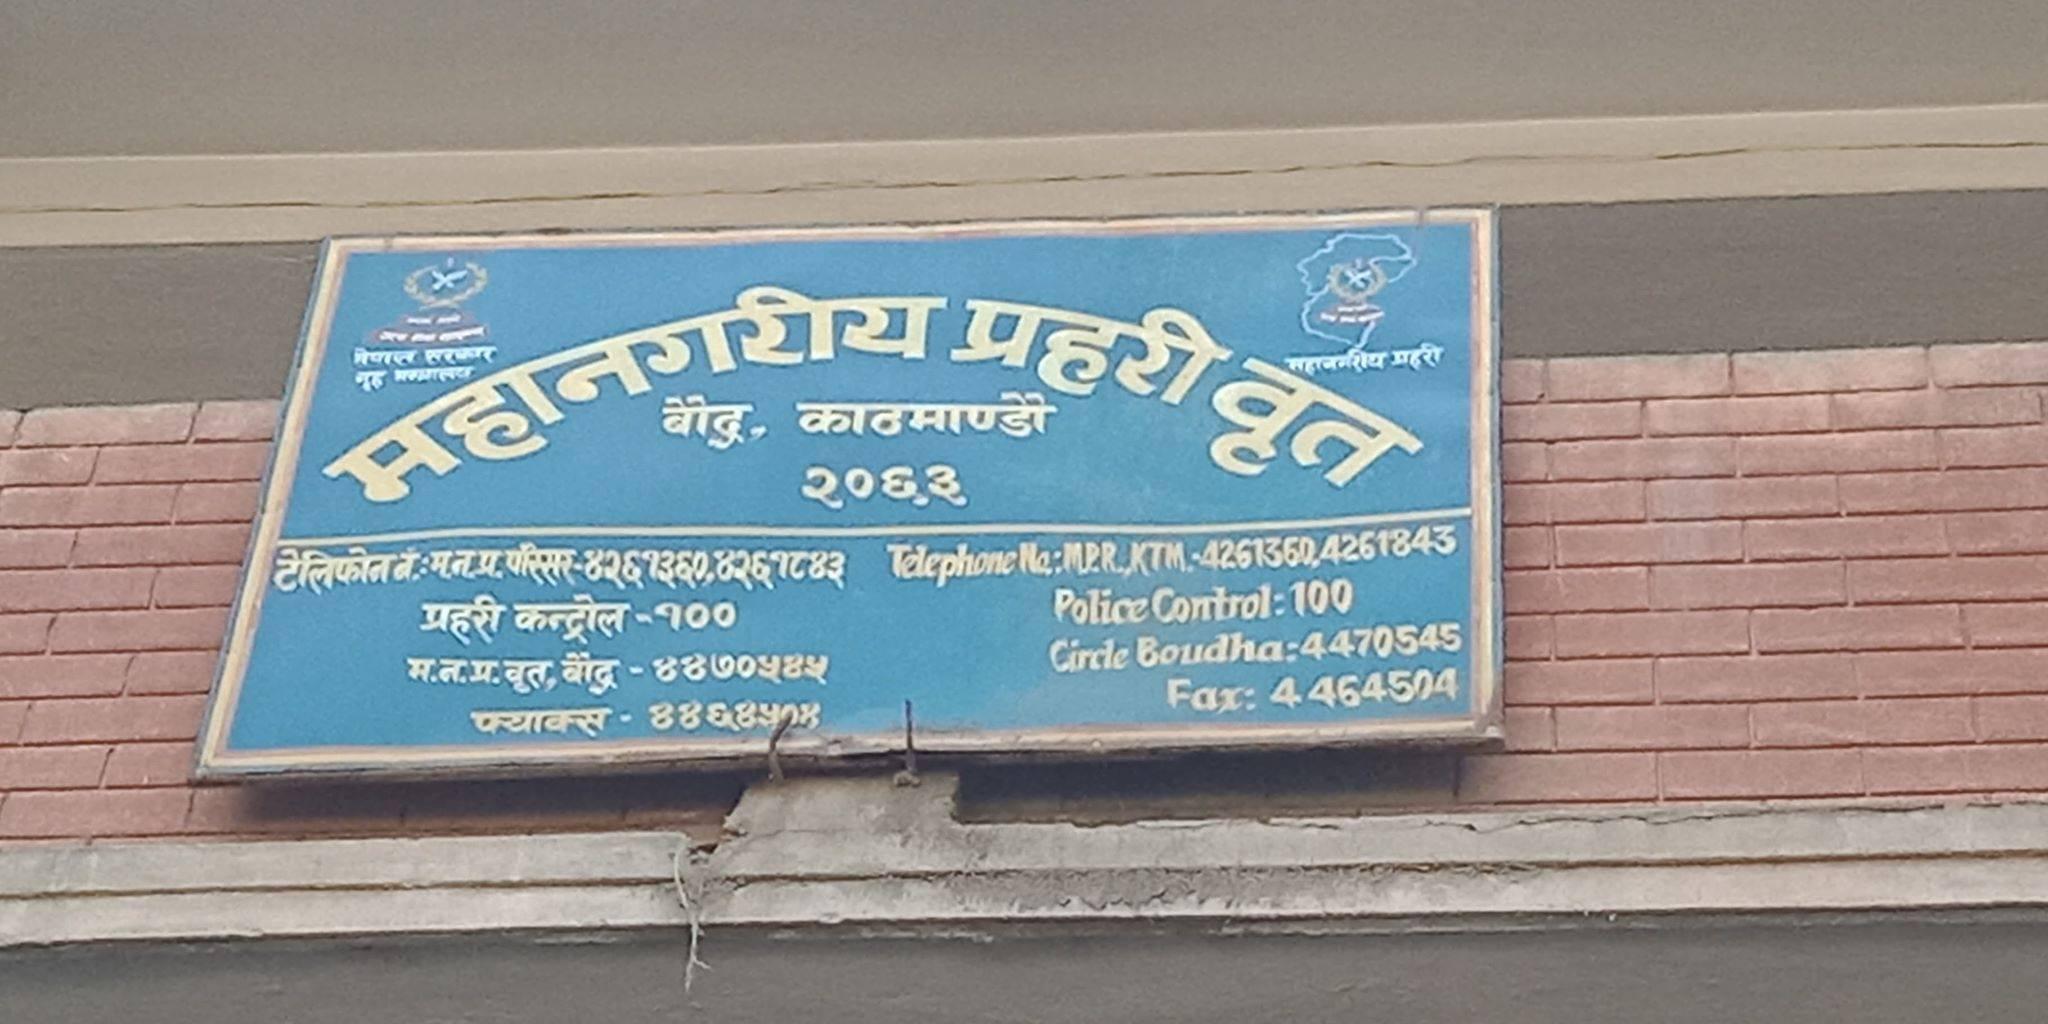 नक्कली नोट छाप्ने मेसिनसहित बौद्धबाट तीन जना पक्राउ